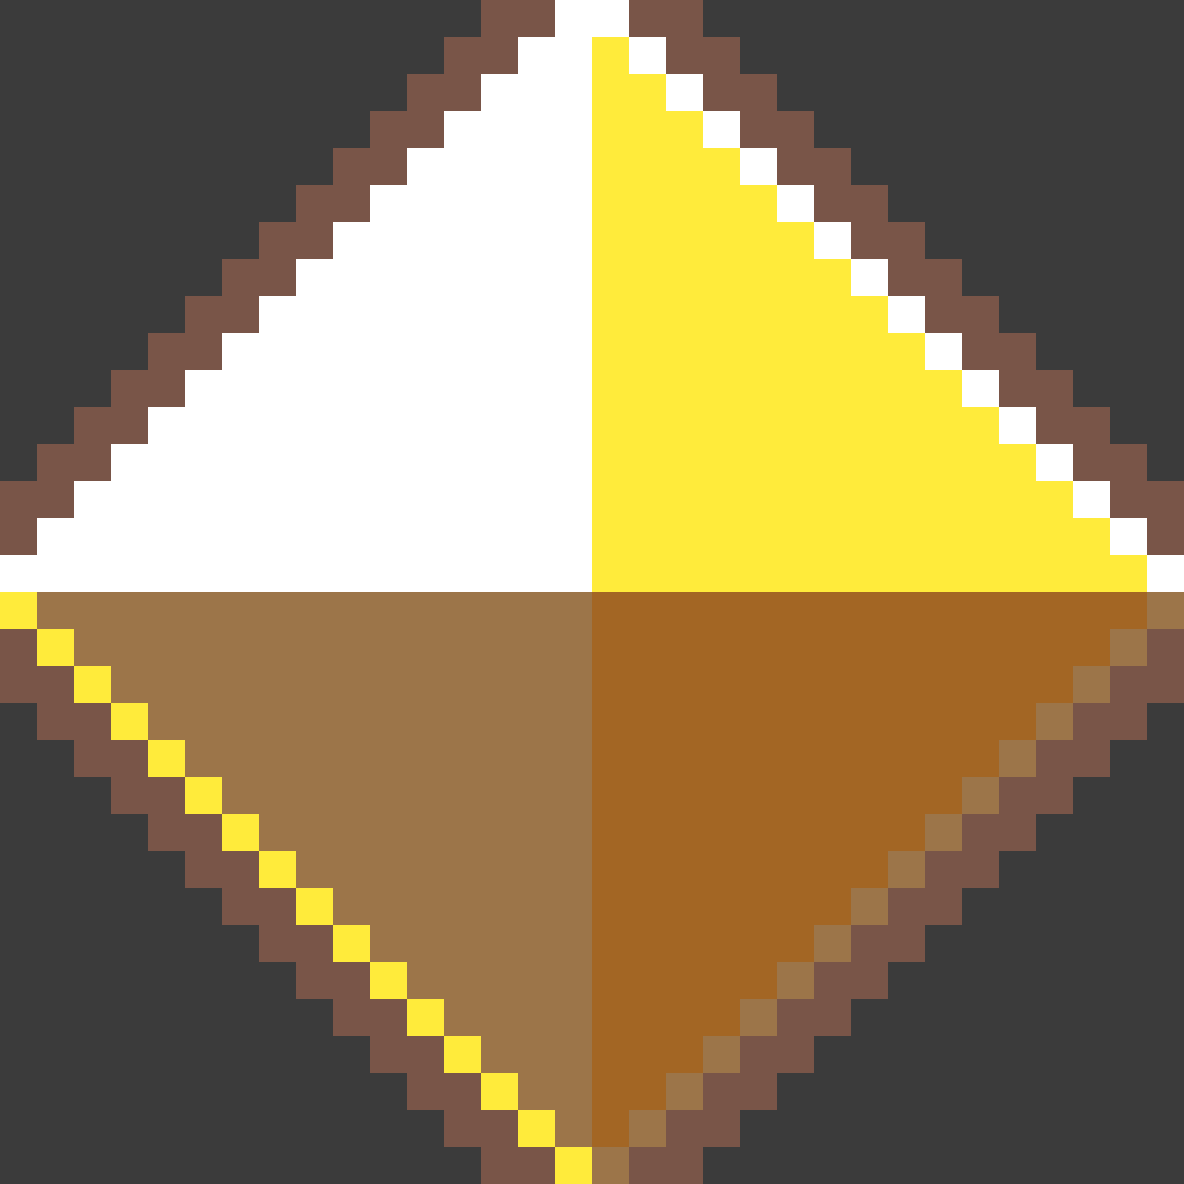 Yellow Diamond by SkyresAir